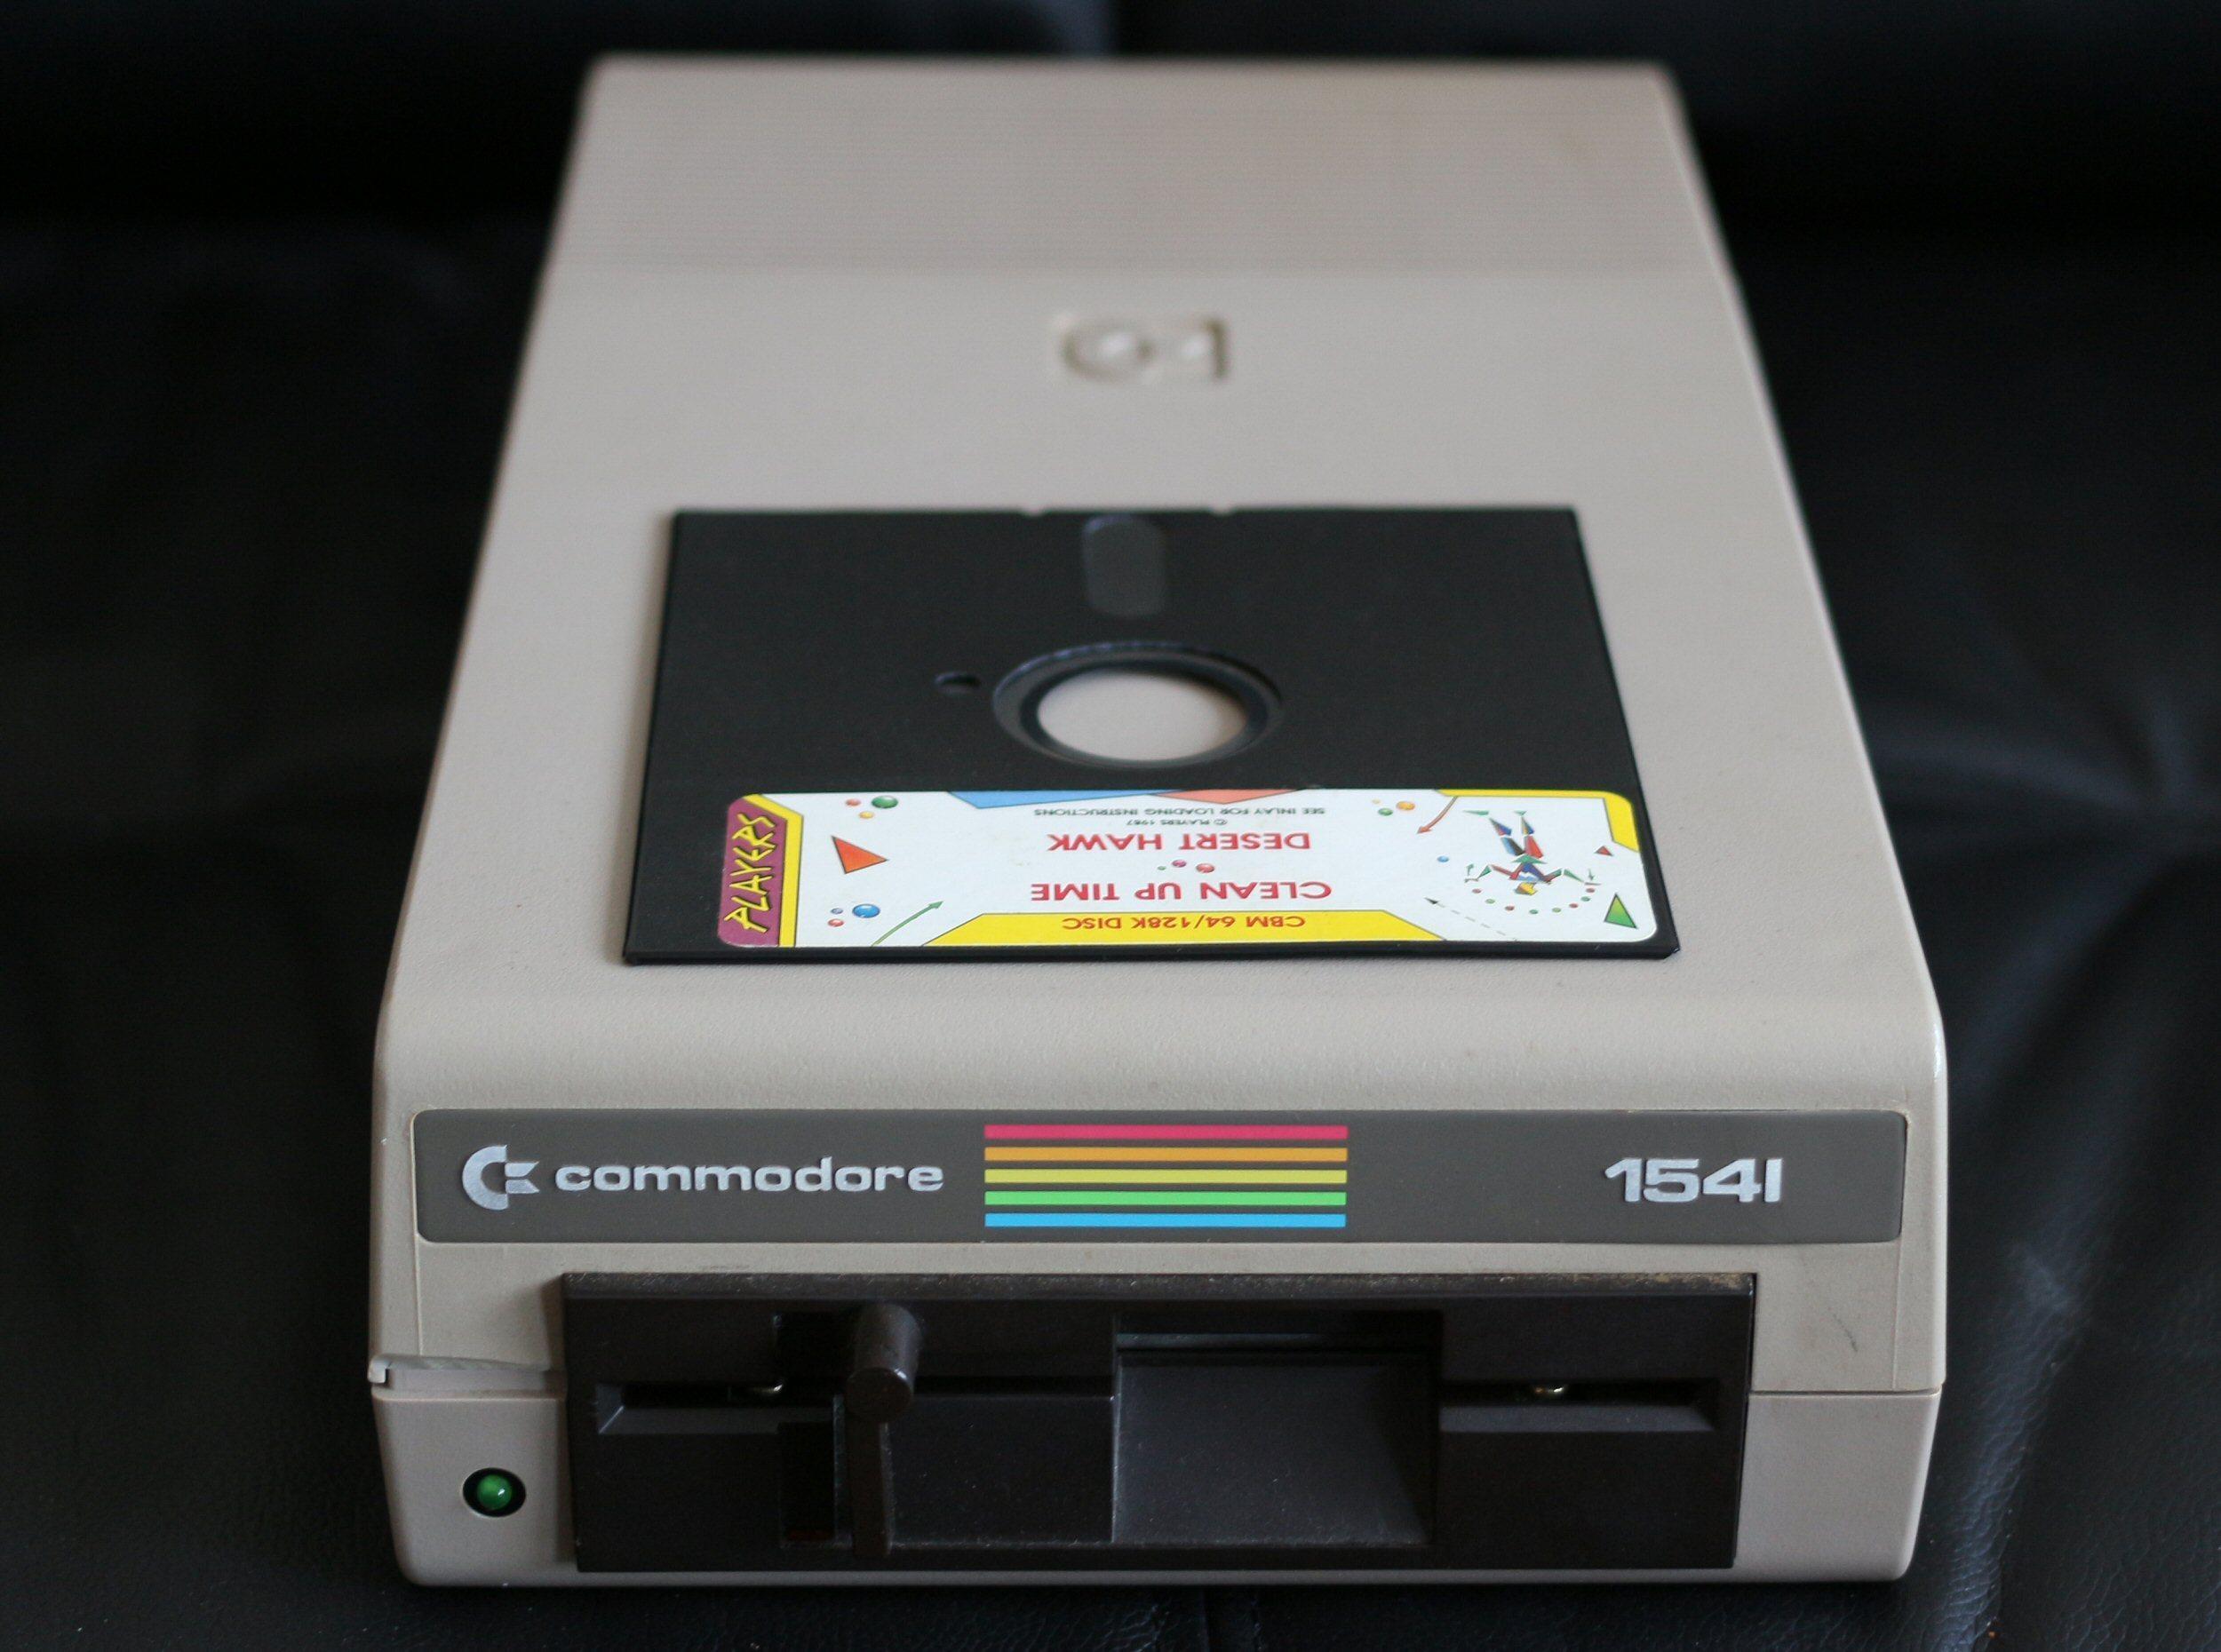 Commodore 1541 bruker 5¼-tommers disketter. Foto: Vegar Jansen, Tek.no